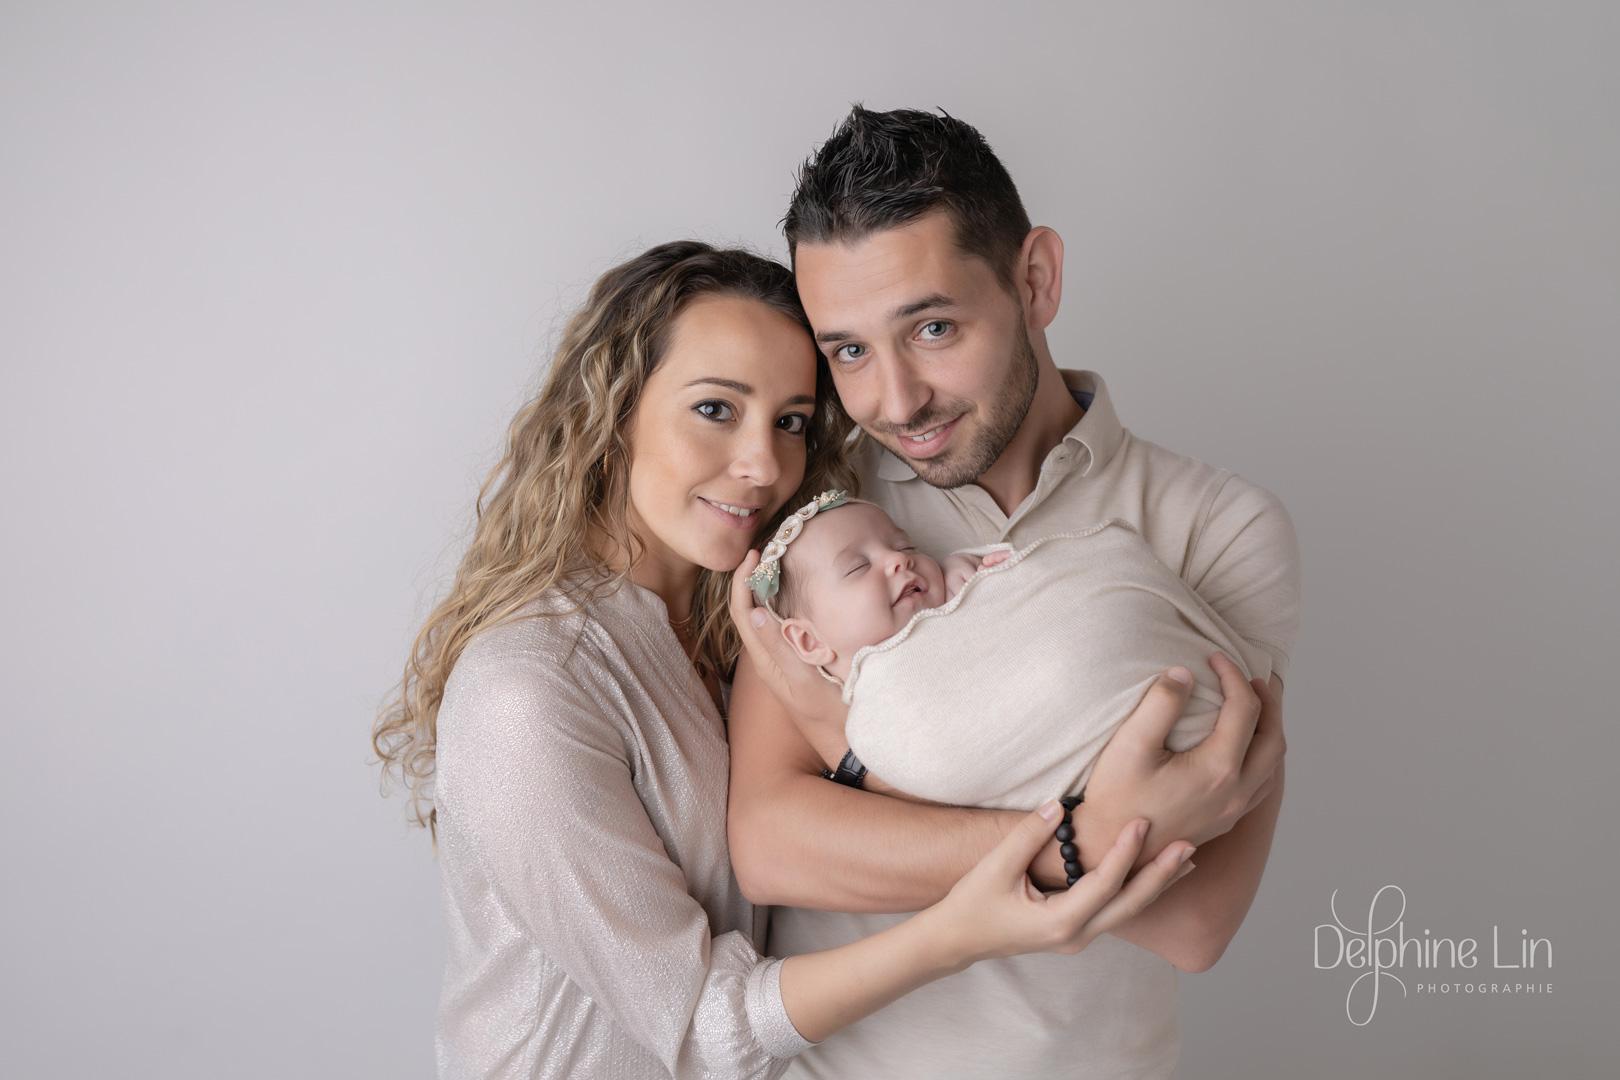 Delphine Lin Photographie nouveau-né nouveau-né famille